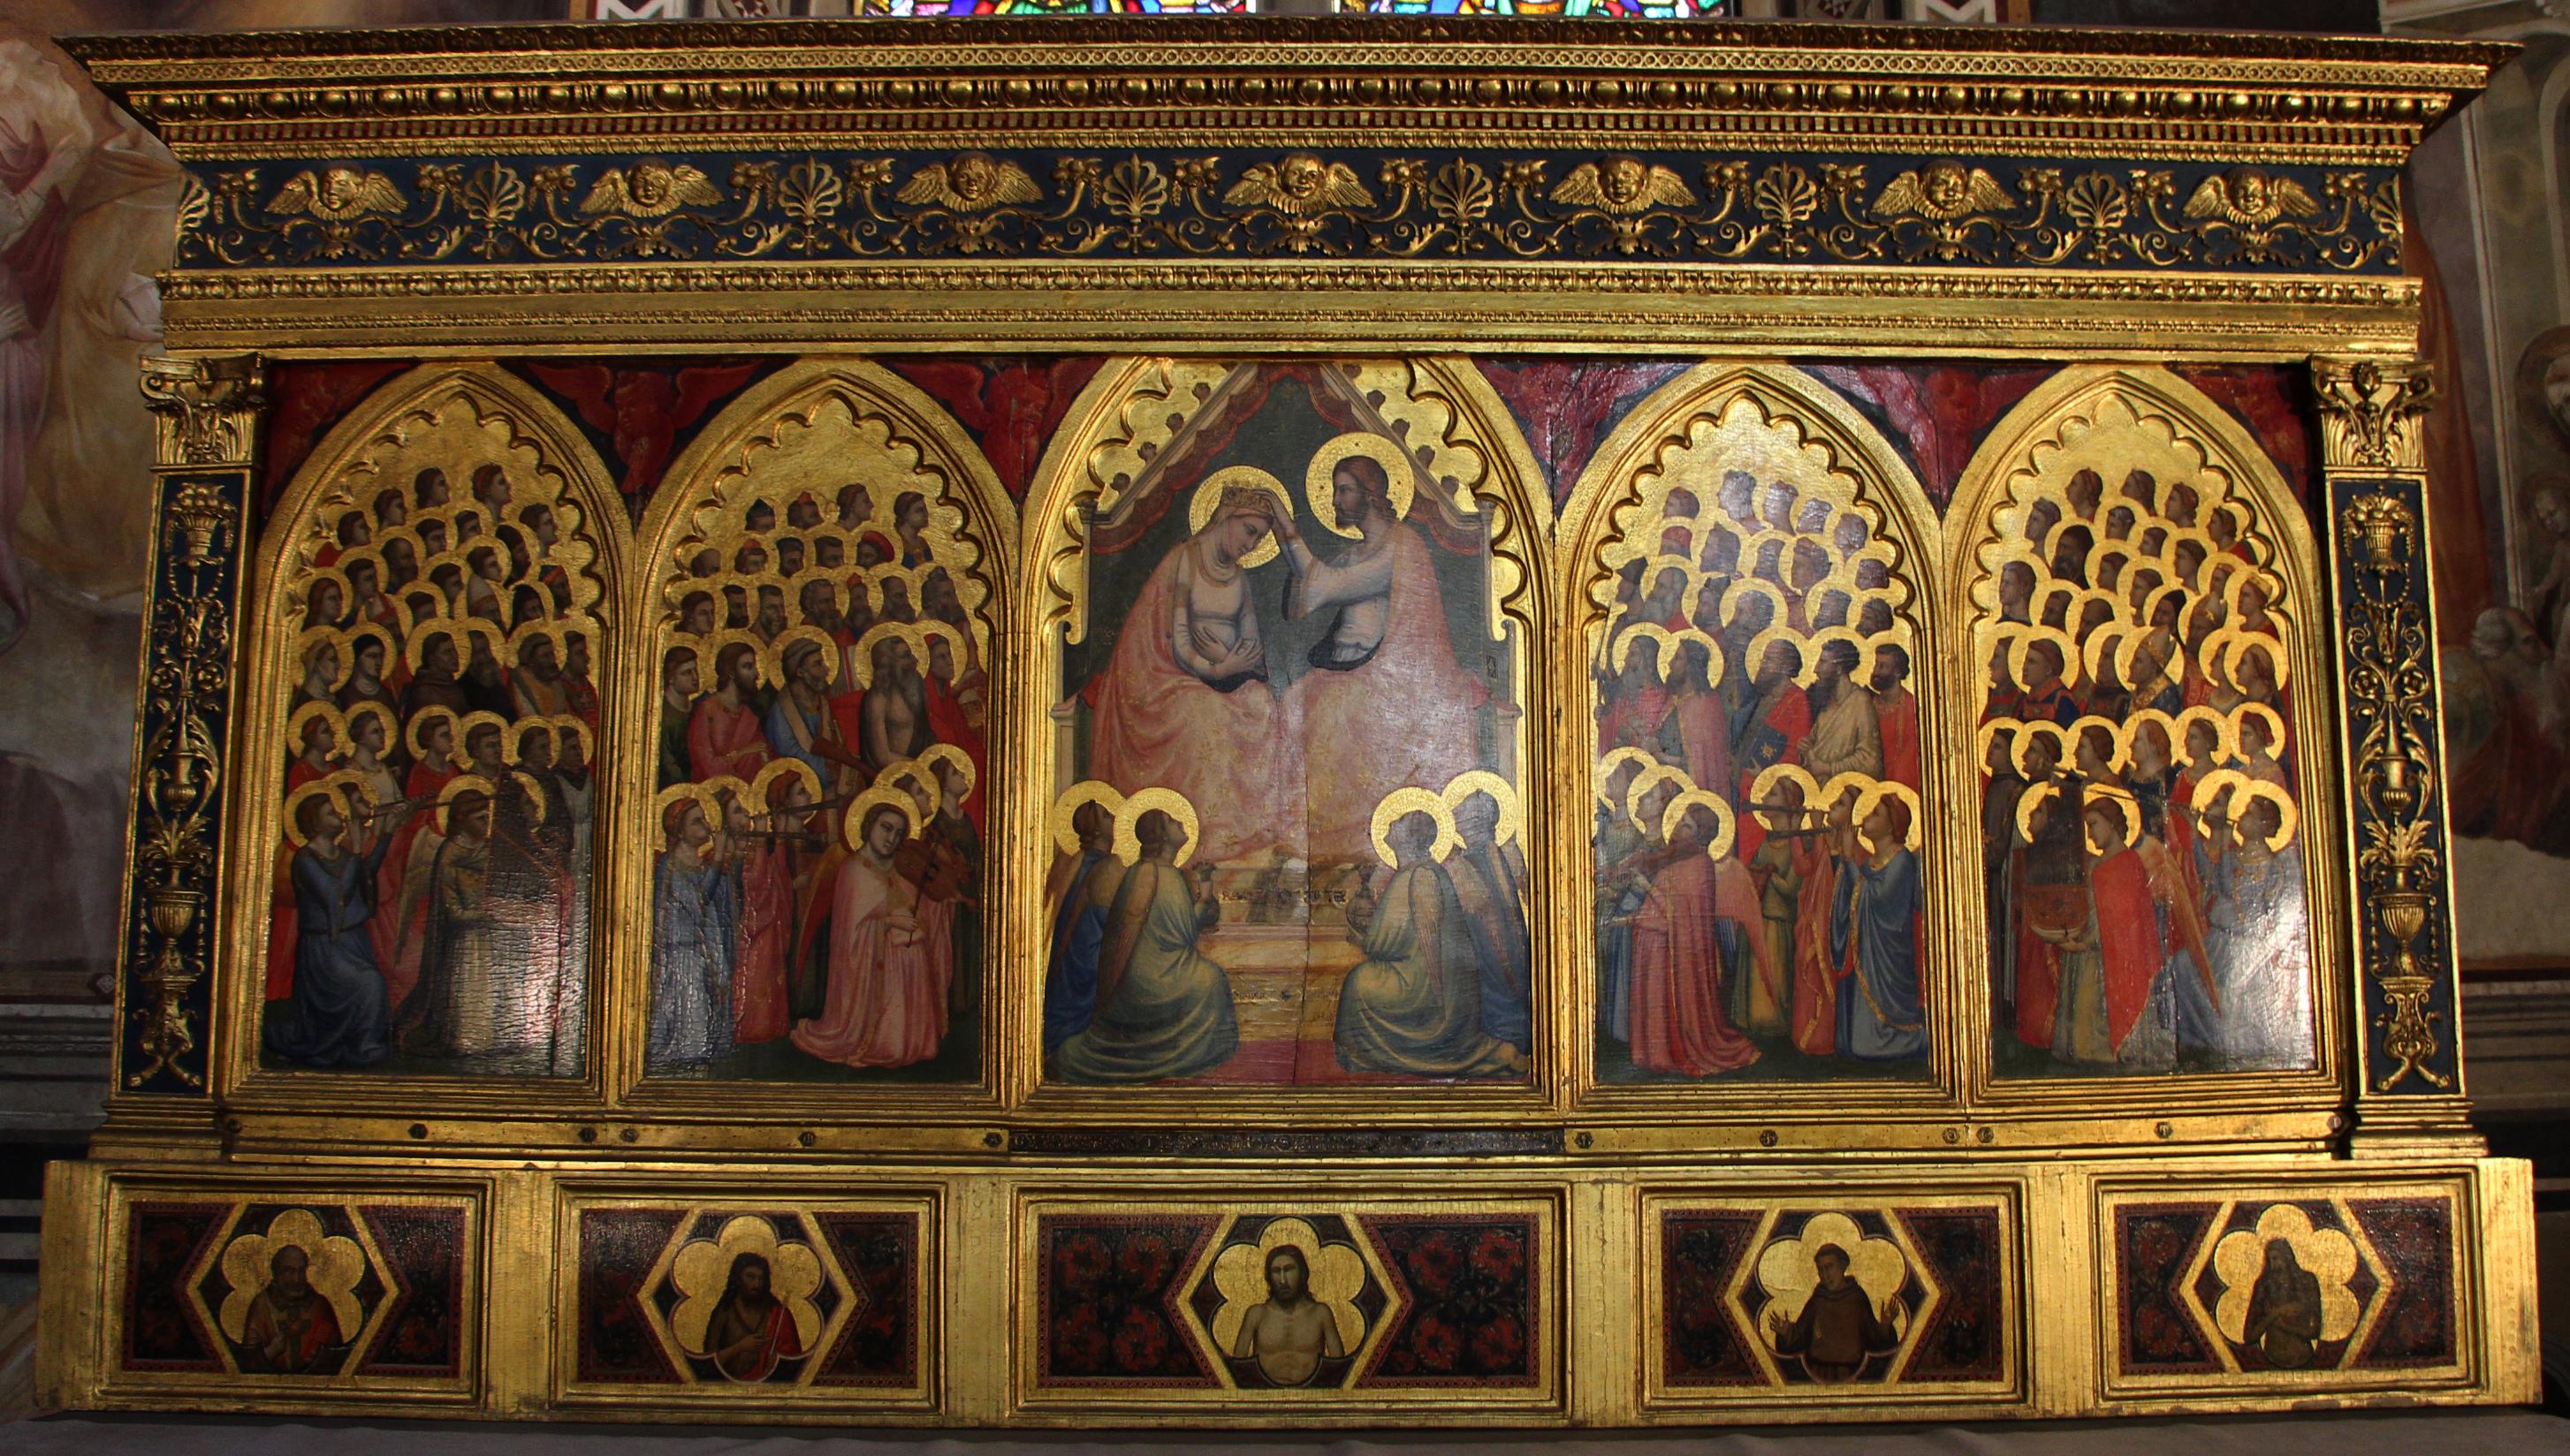 File:Giotto e taddeo gaddi, polittico baroncelli, 1328 ca. 01.JPG